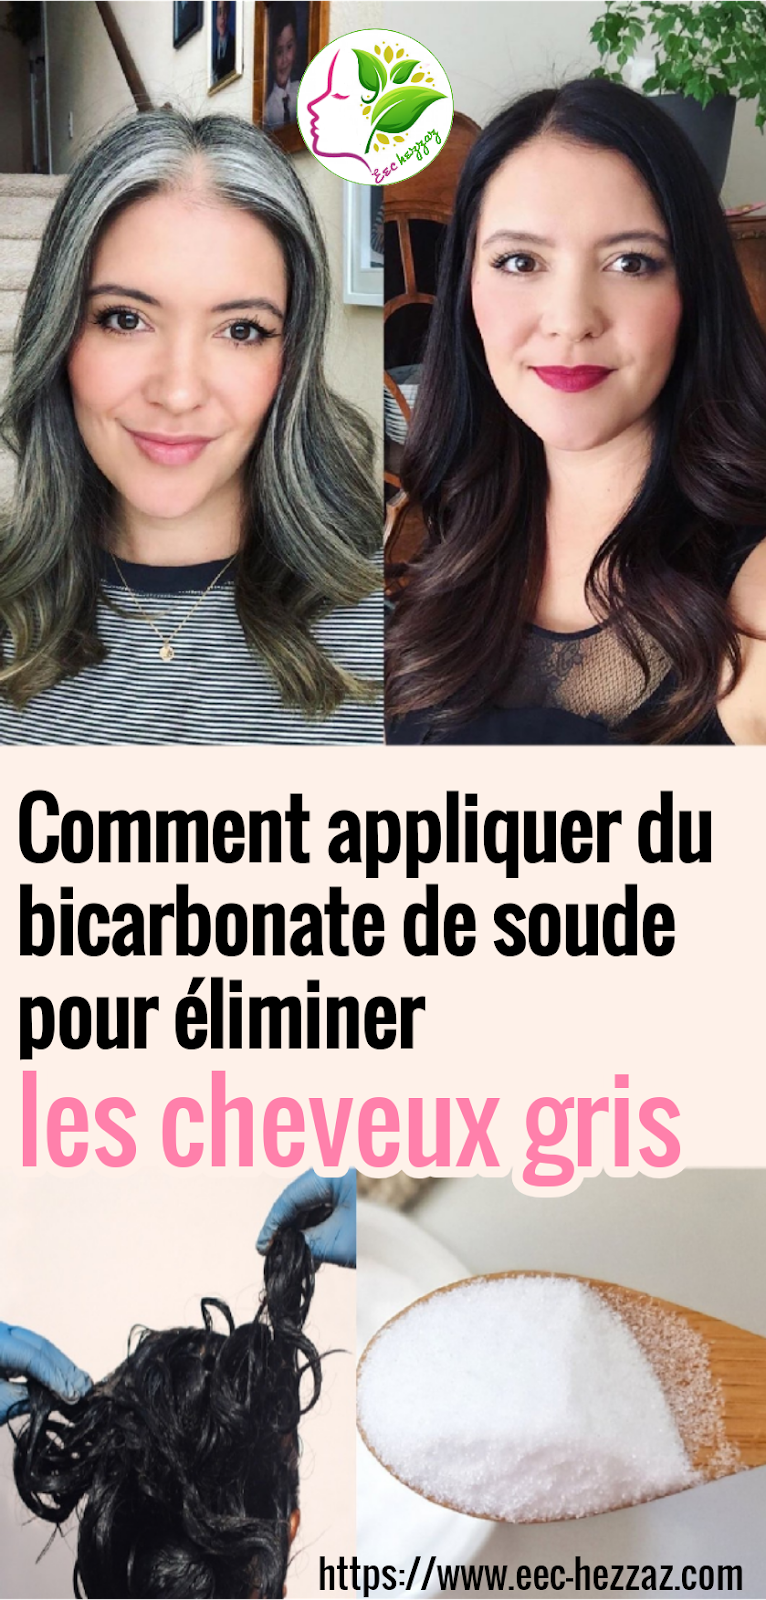 Comment appliquer du bicarbonate de soude pour éliminer les cheveux gris